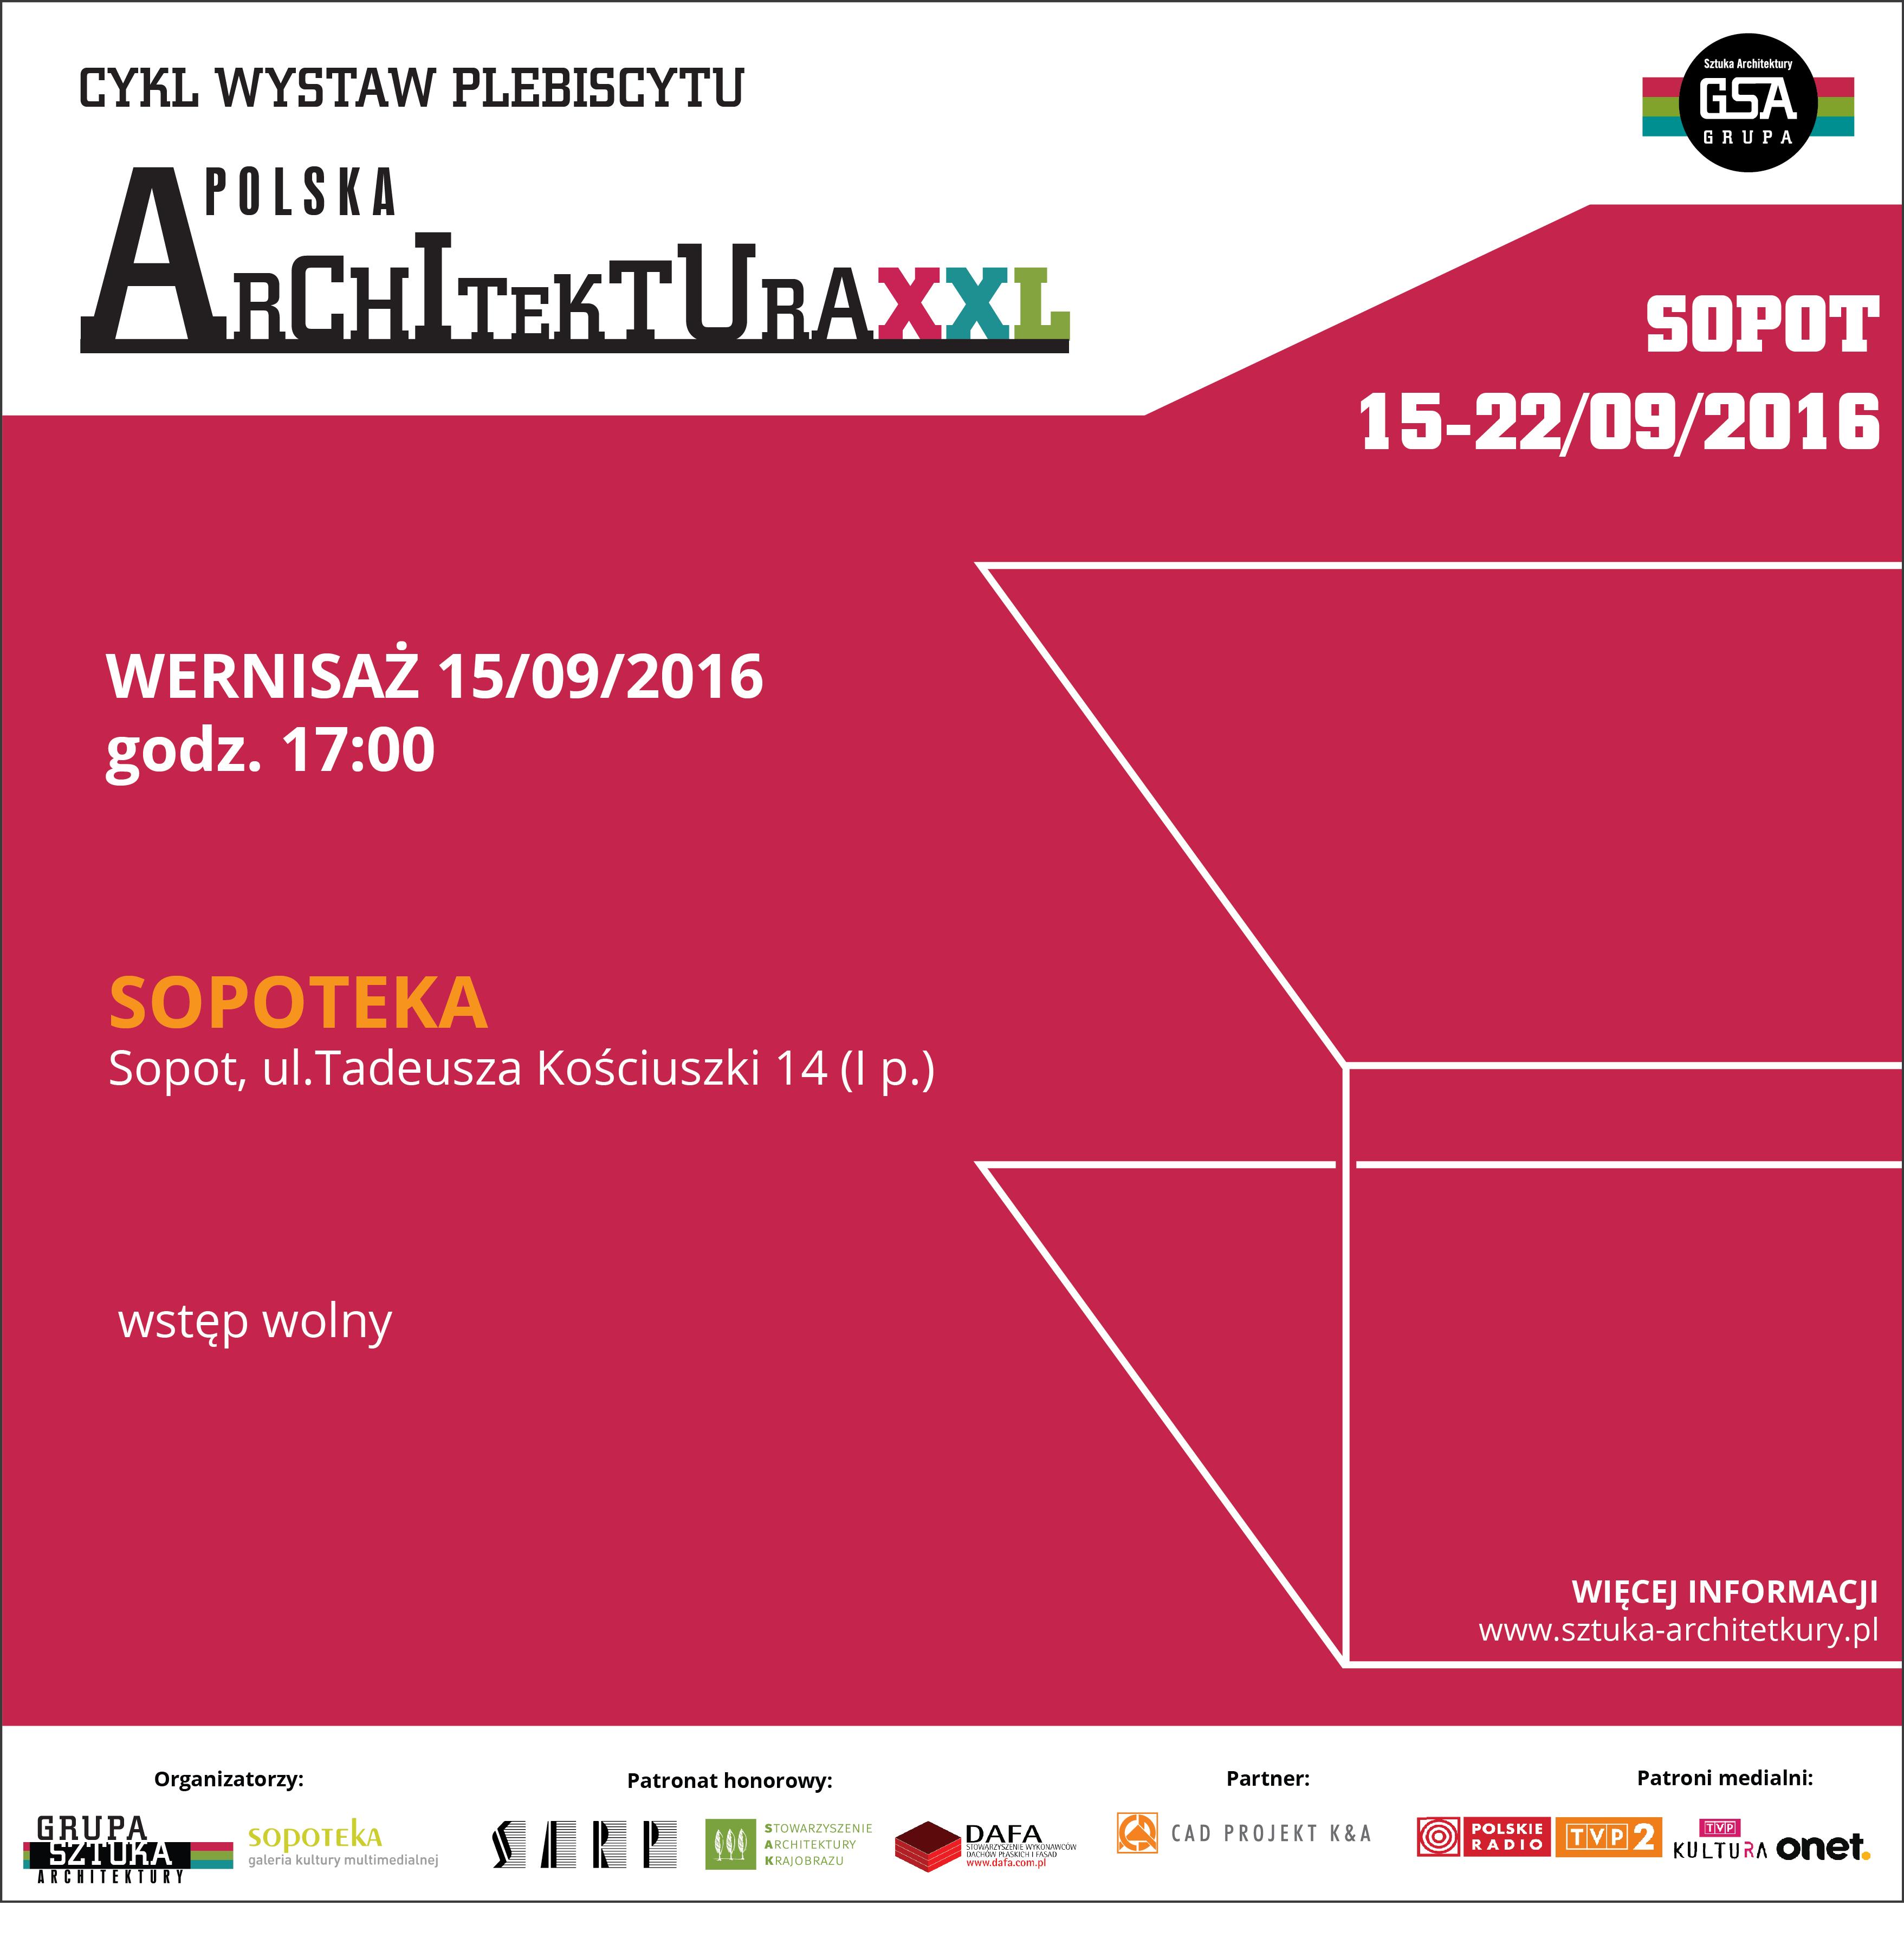 WYSTAWA POLSKA ARCHITEKTURA 2015 W SOPOCIE